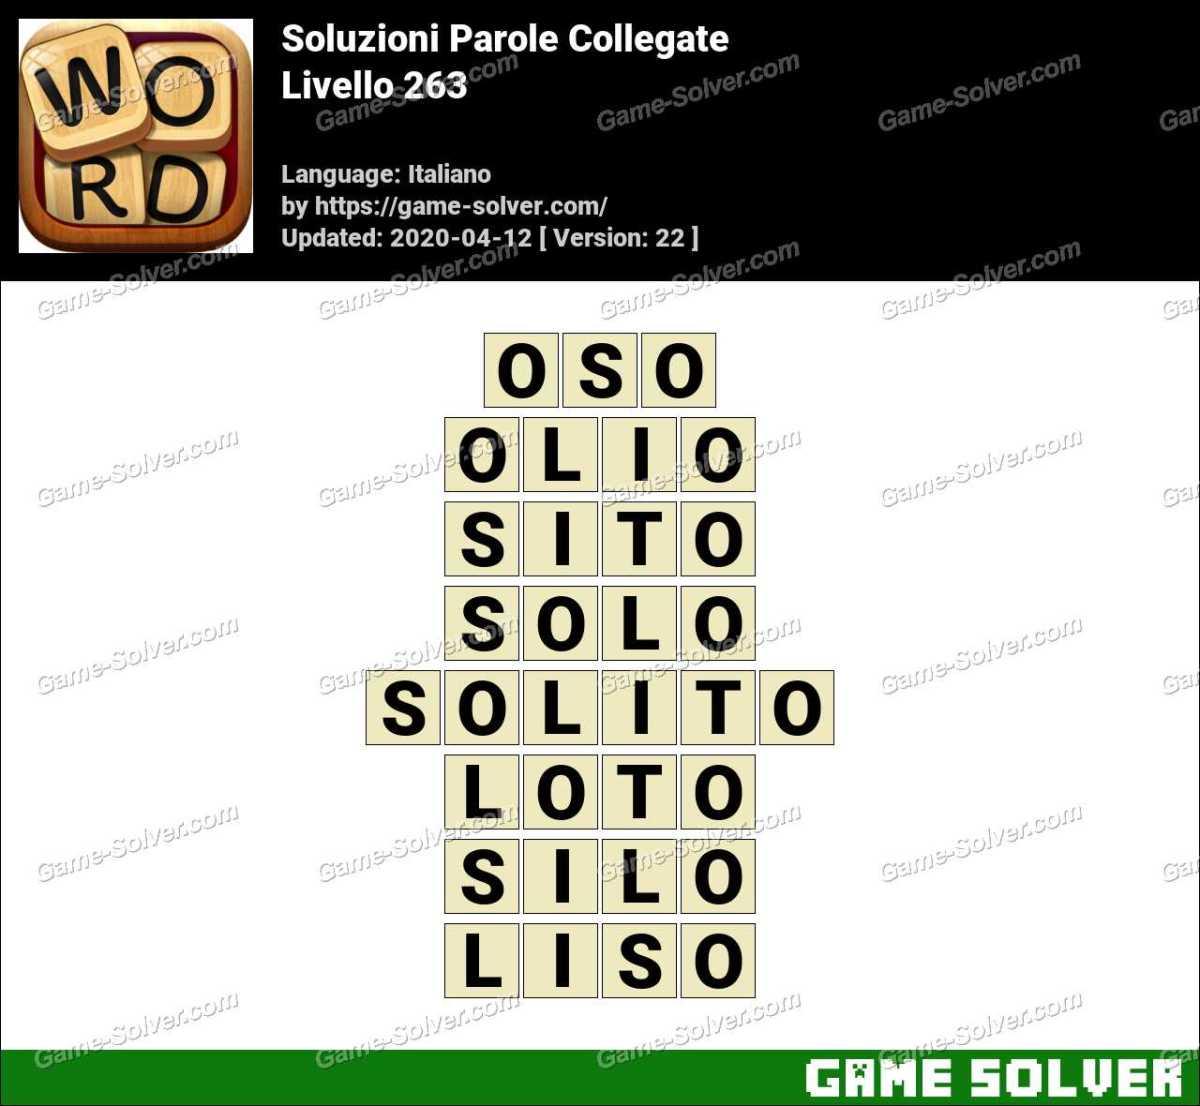 Soluzioni Parole Collegate Livello 263